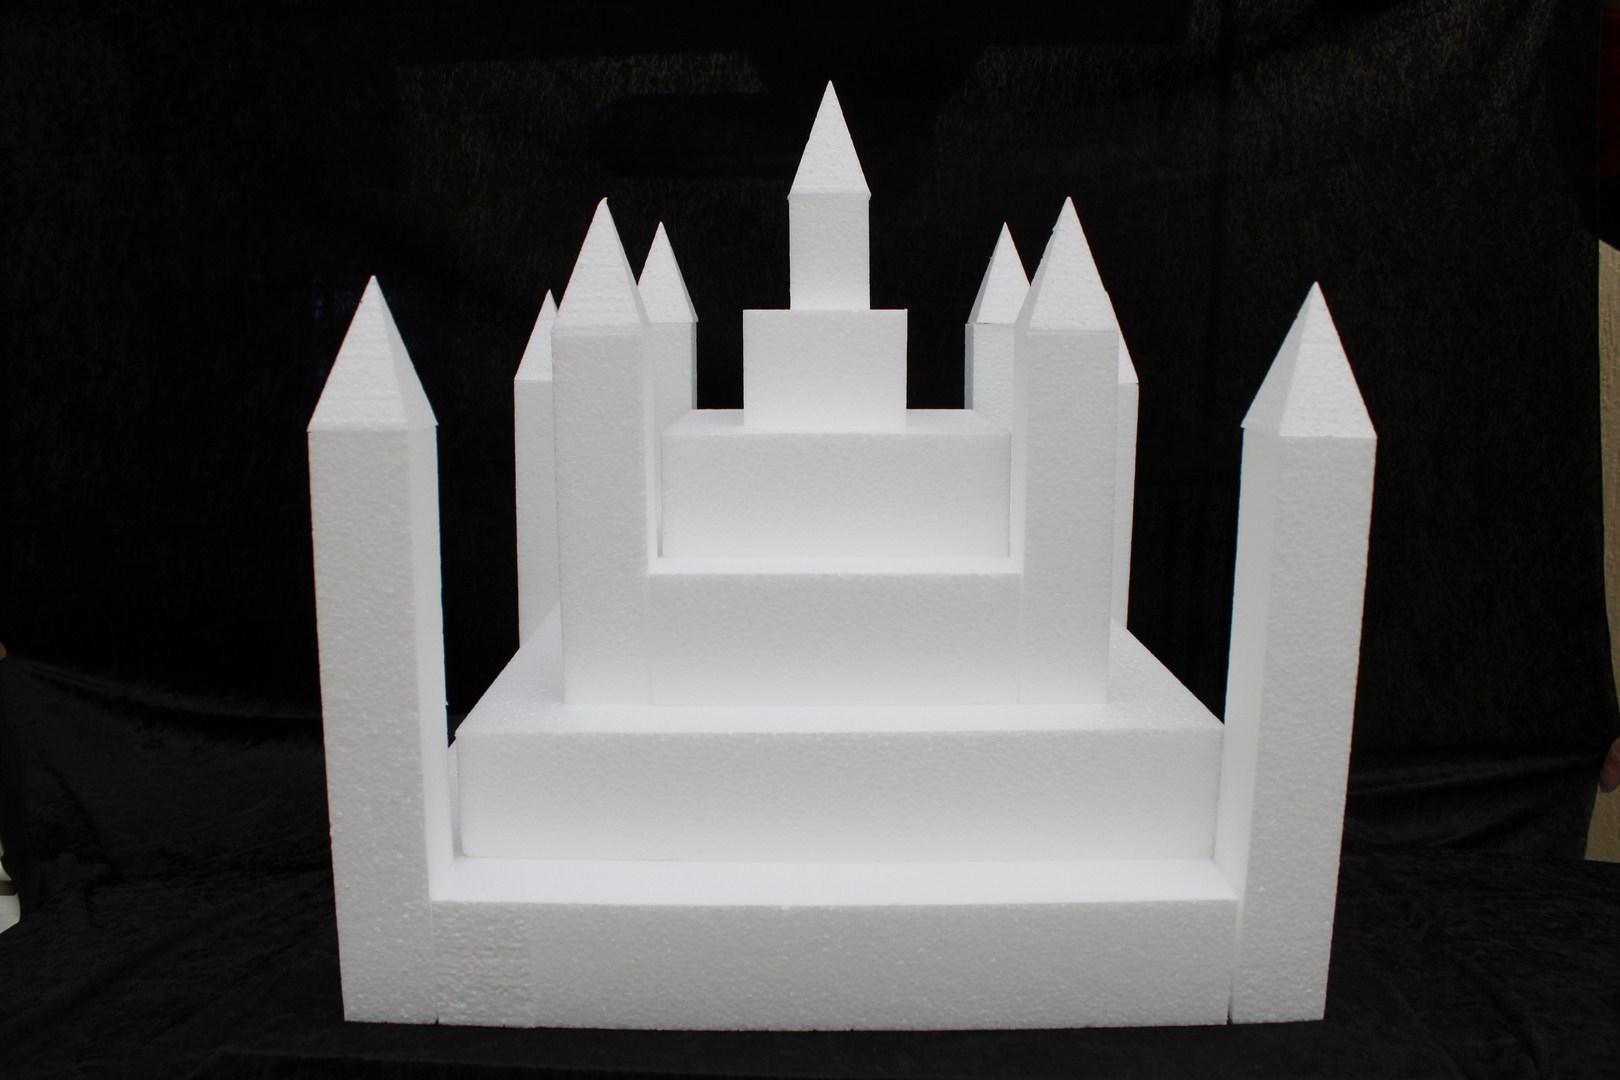 Schloß 23 teilige Tortendummy-set - 50 x 50 cm, 49 cm hoch